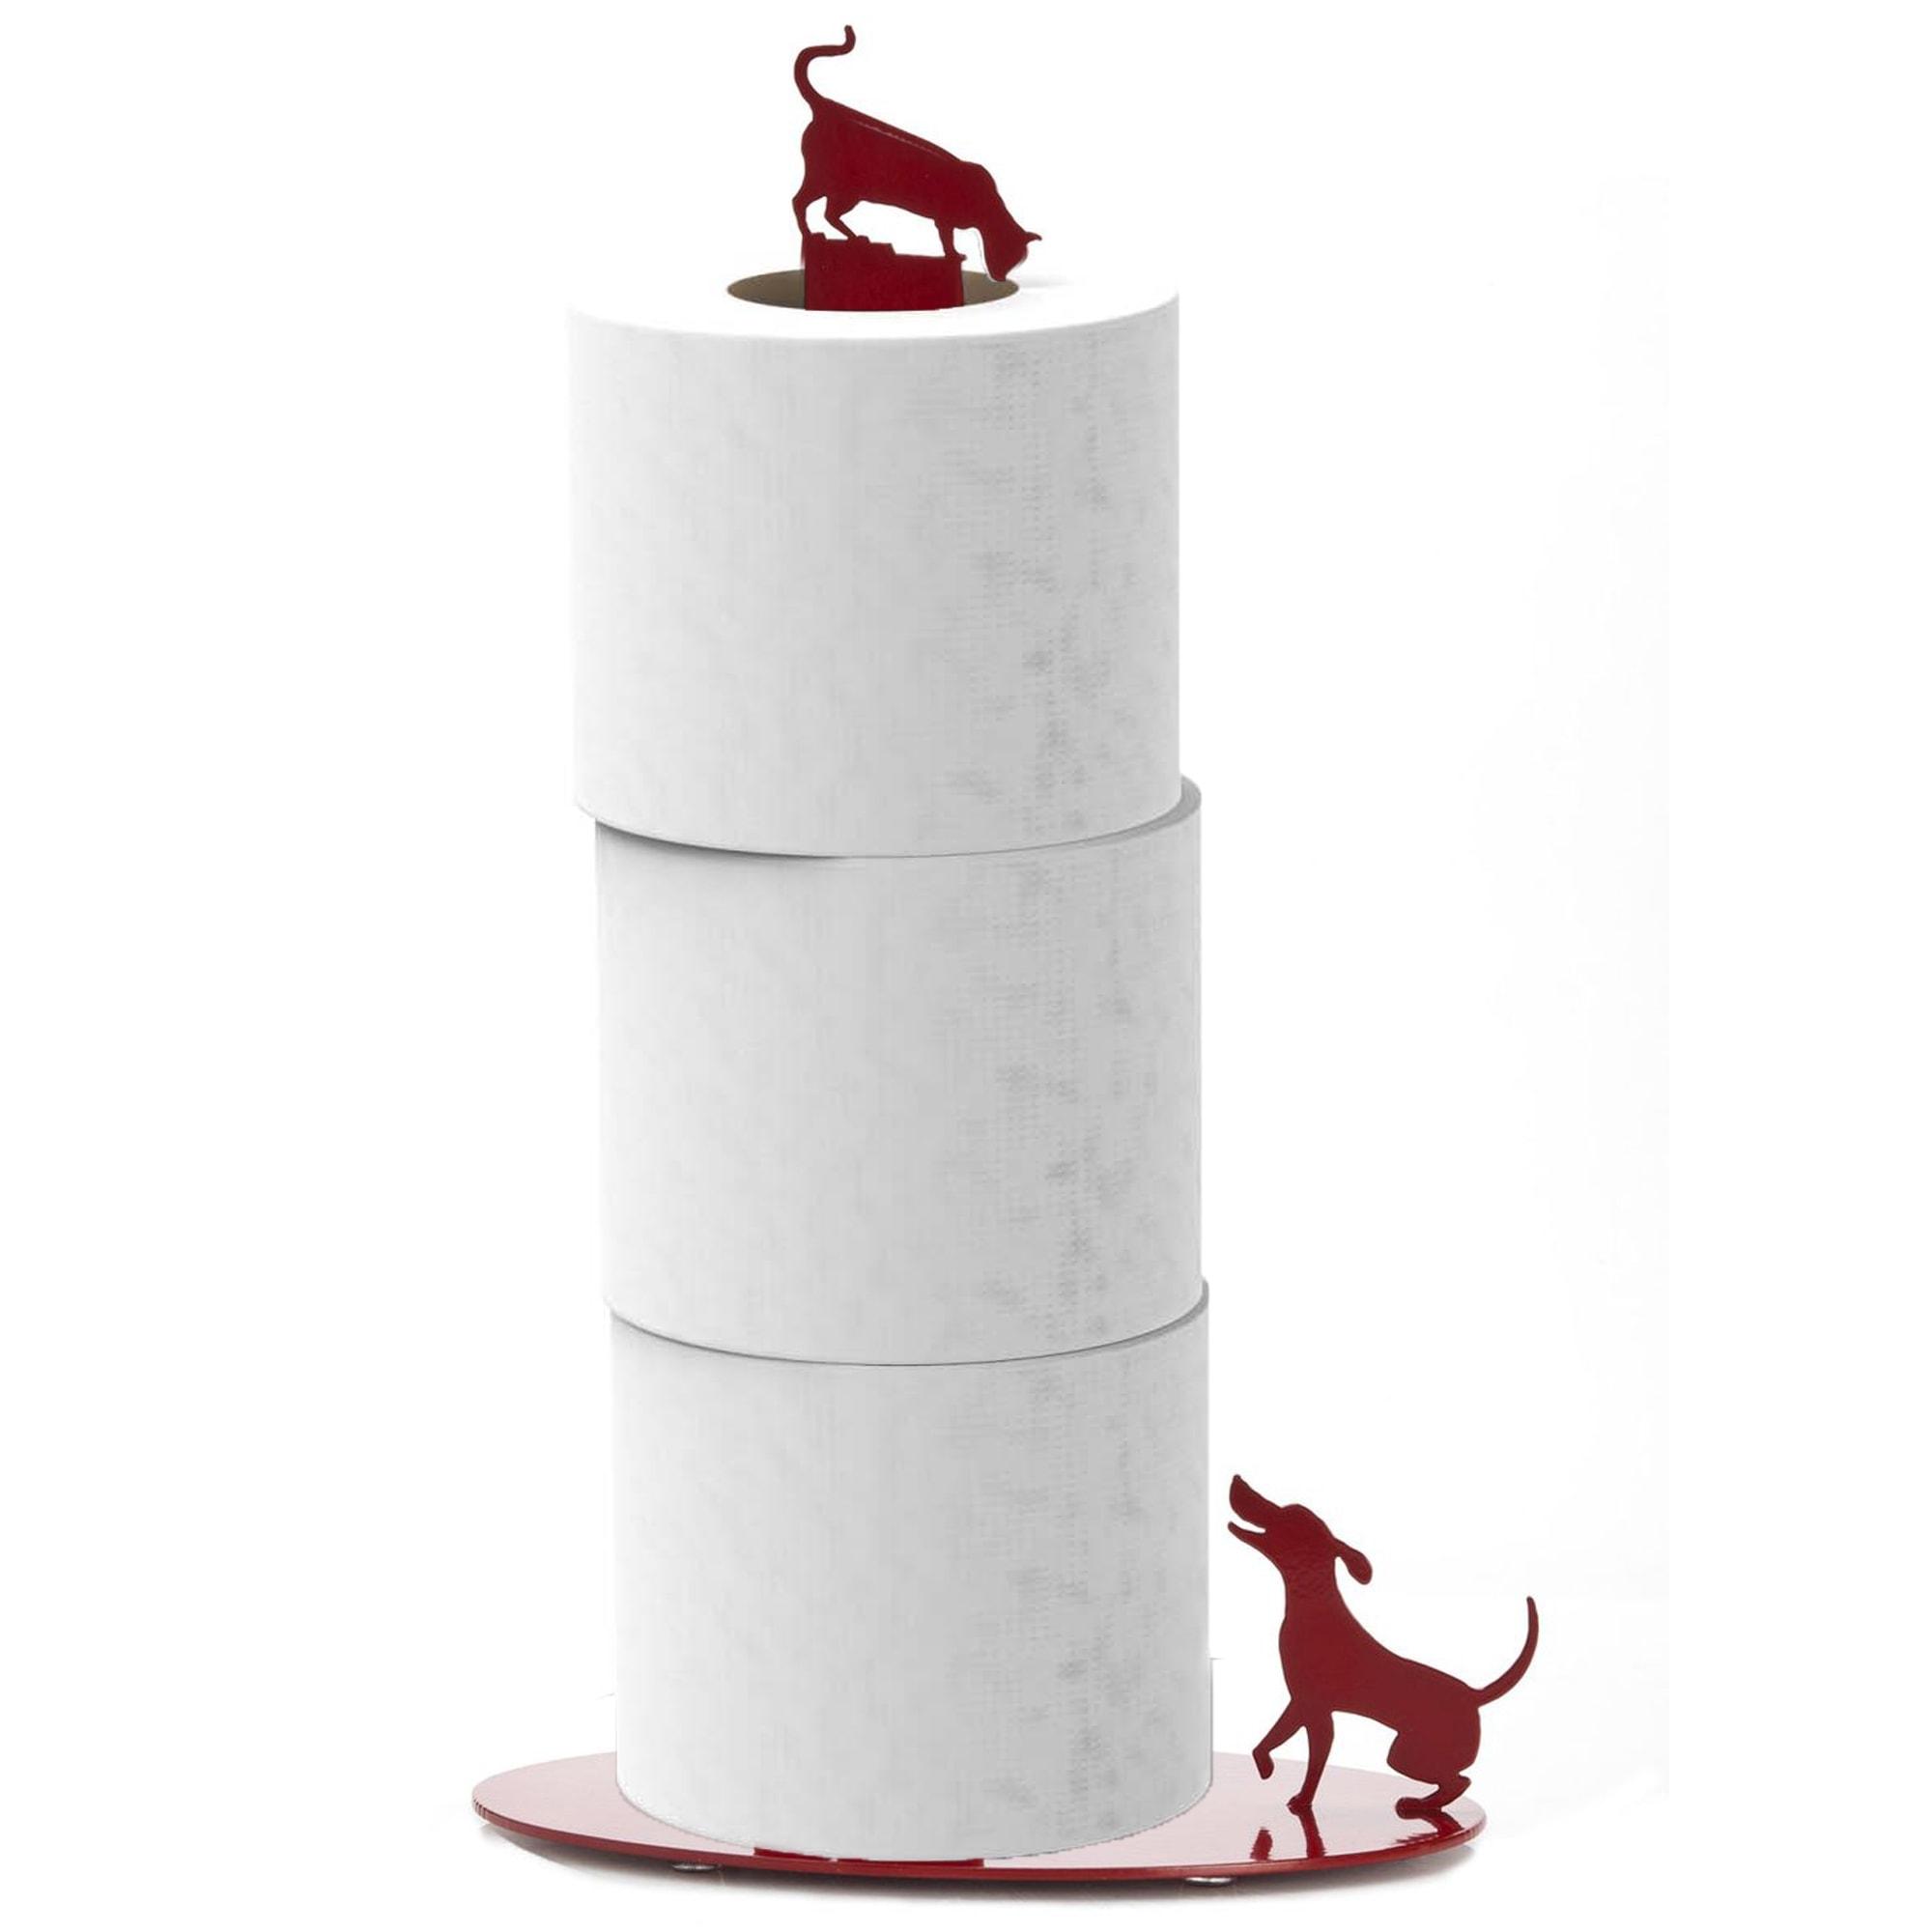 החתול והכלב - מעמד לנייר סופג - אדום